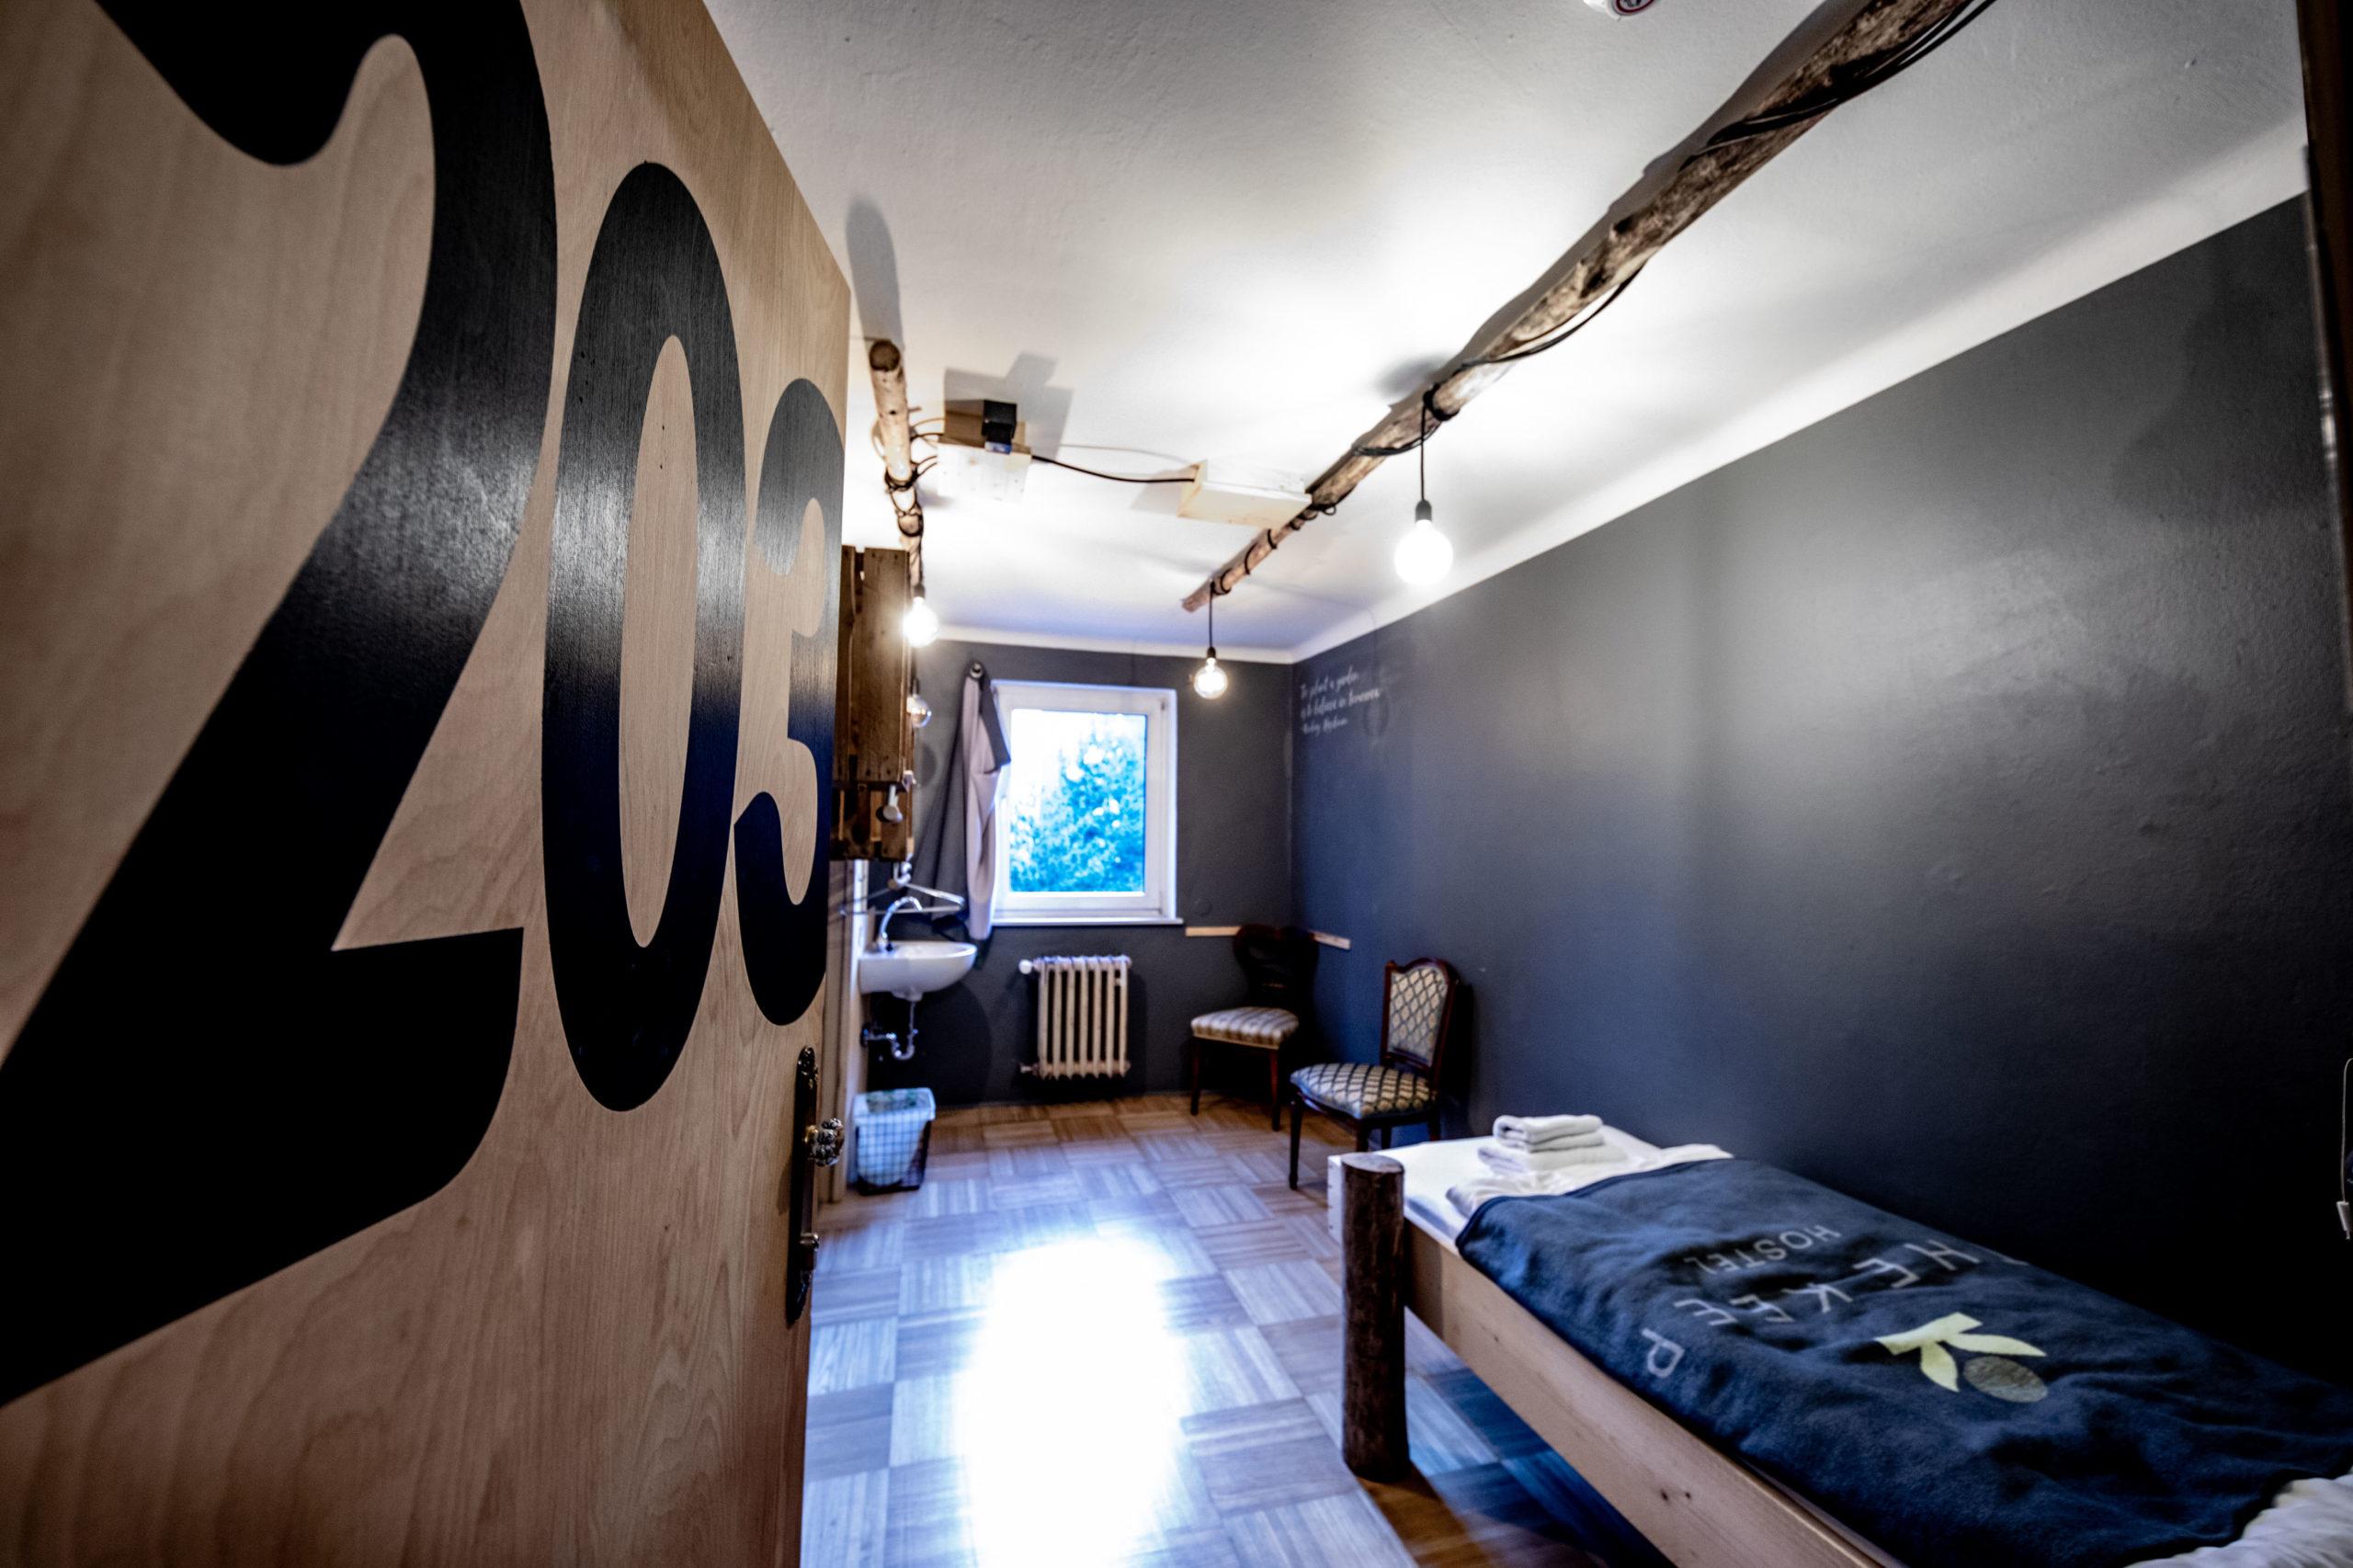 Zimmer mit Style und Re-Use  (c) wildbild